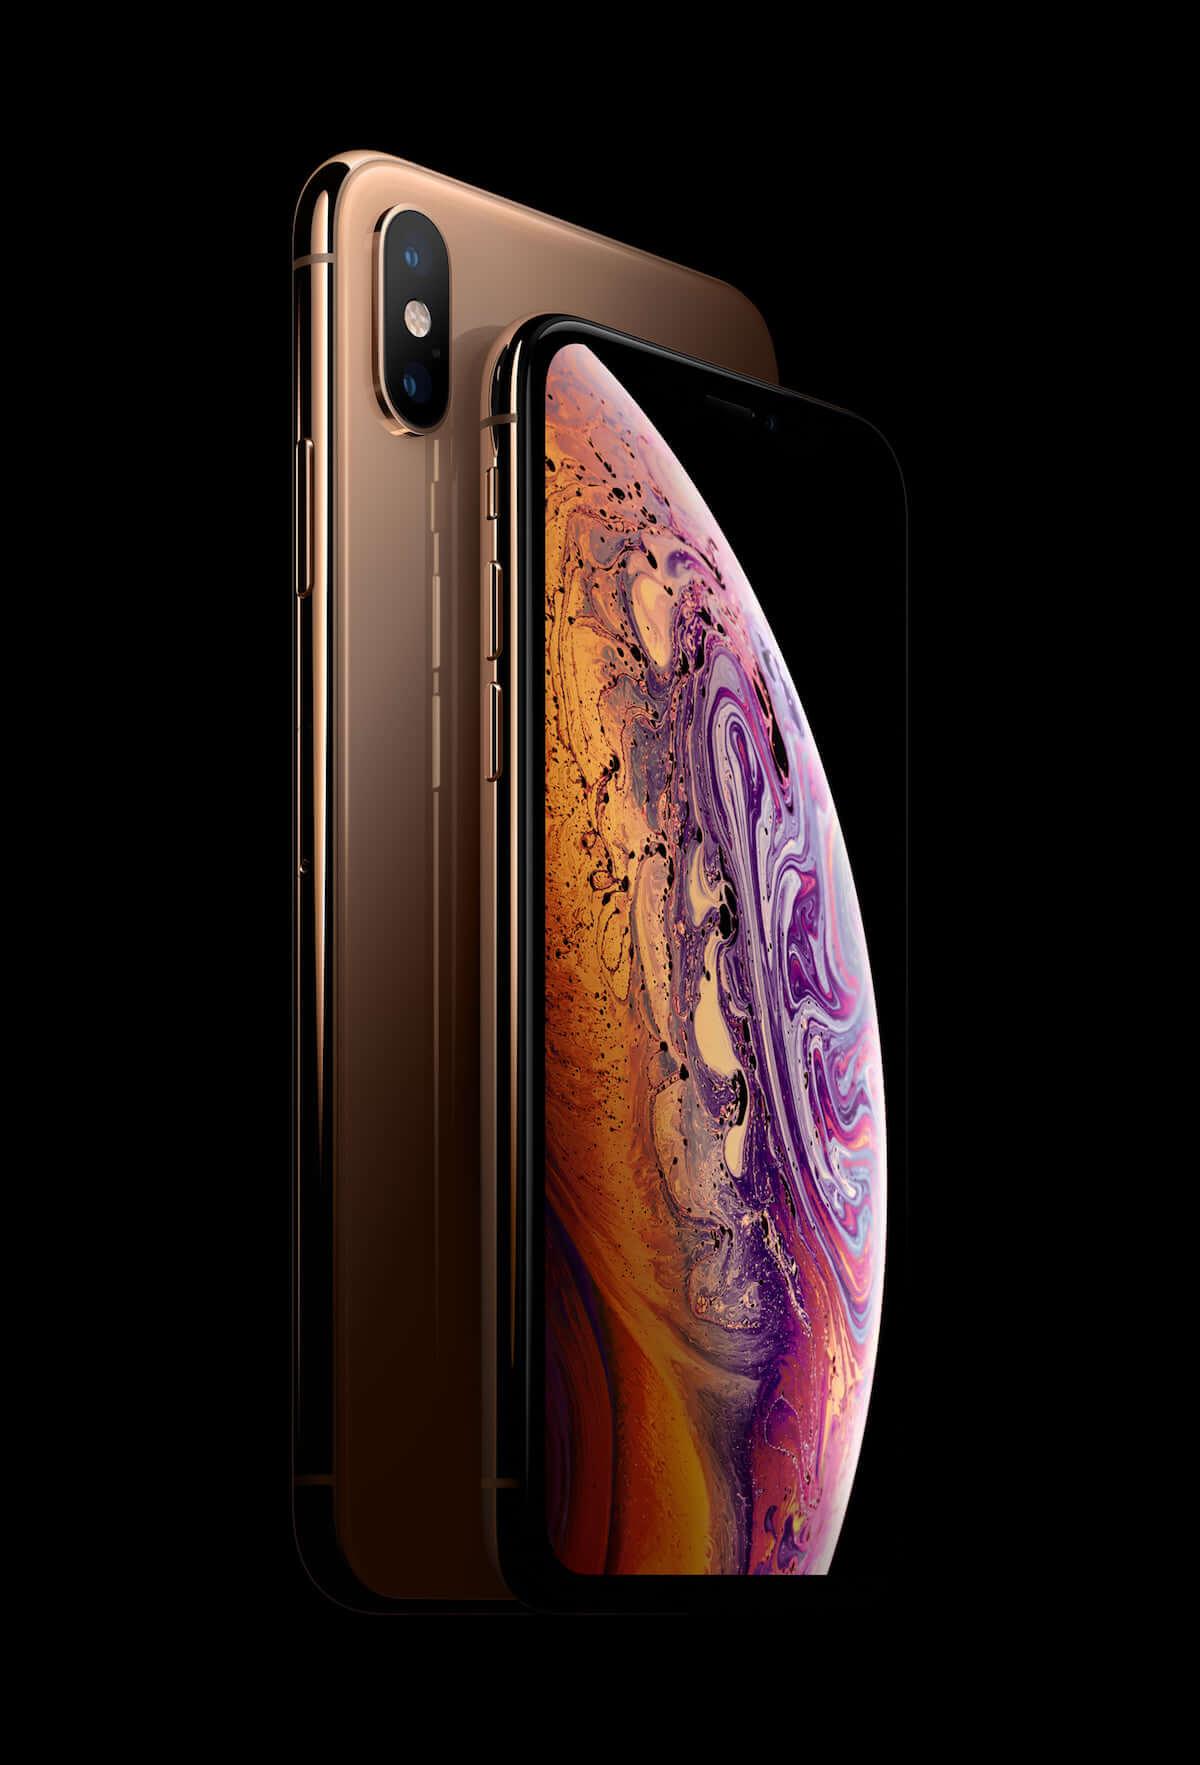 iPhone XS Maxの販売価格は部品原価の約3倍?ディスプレイが最も高額なパーツ technology180913_iphone_1-1200x1765